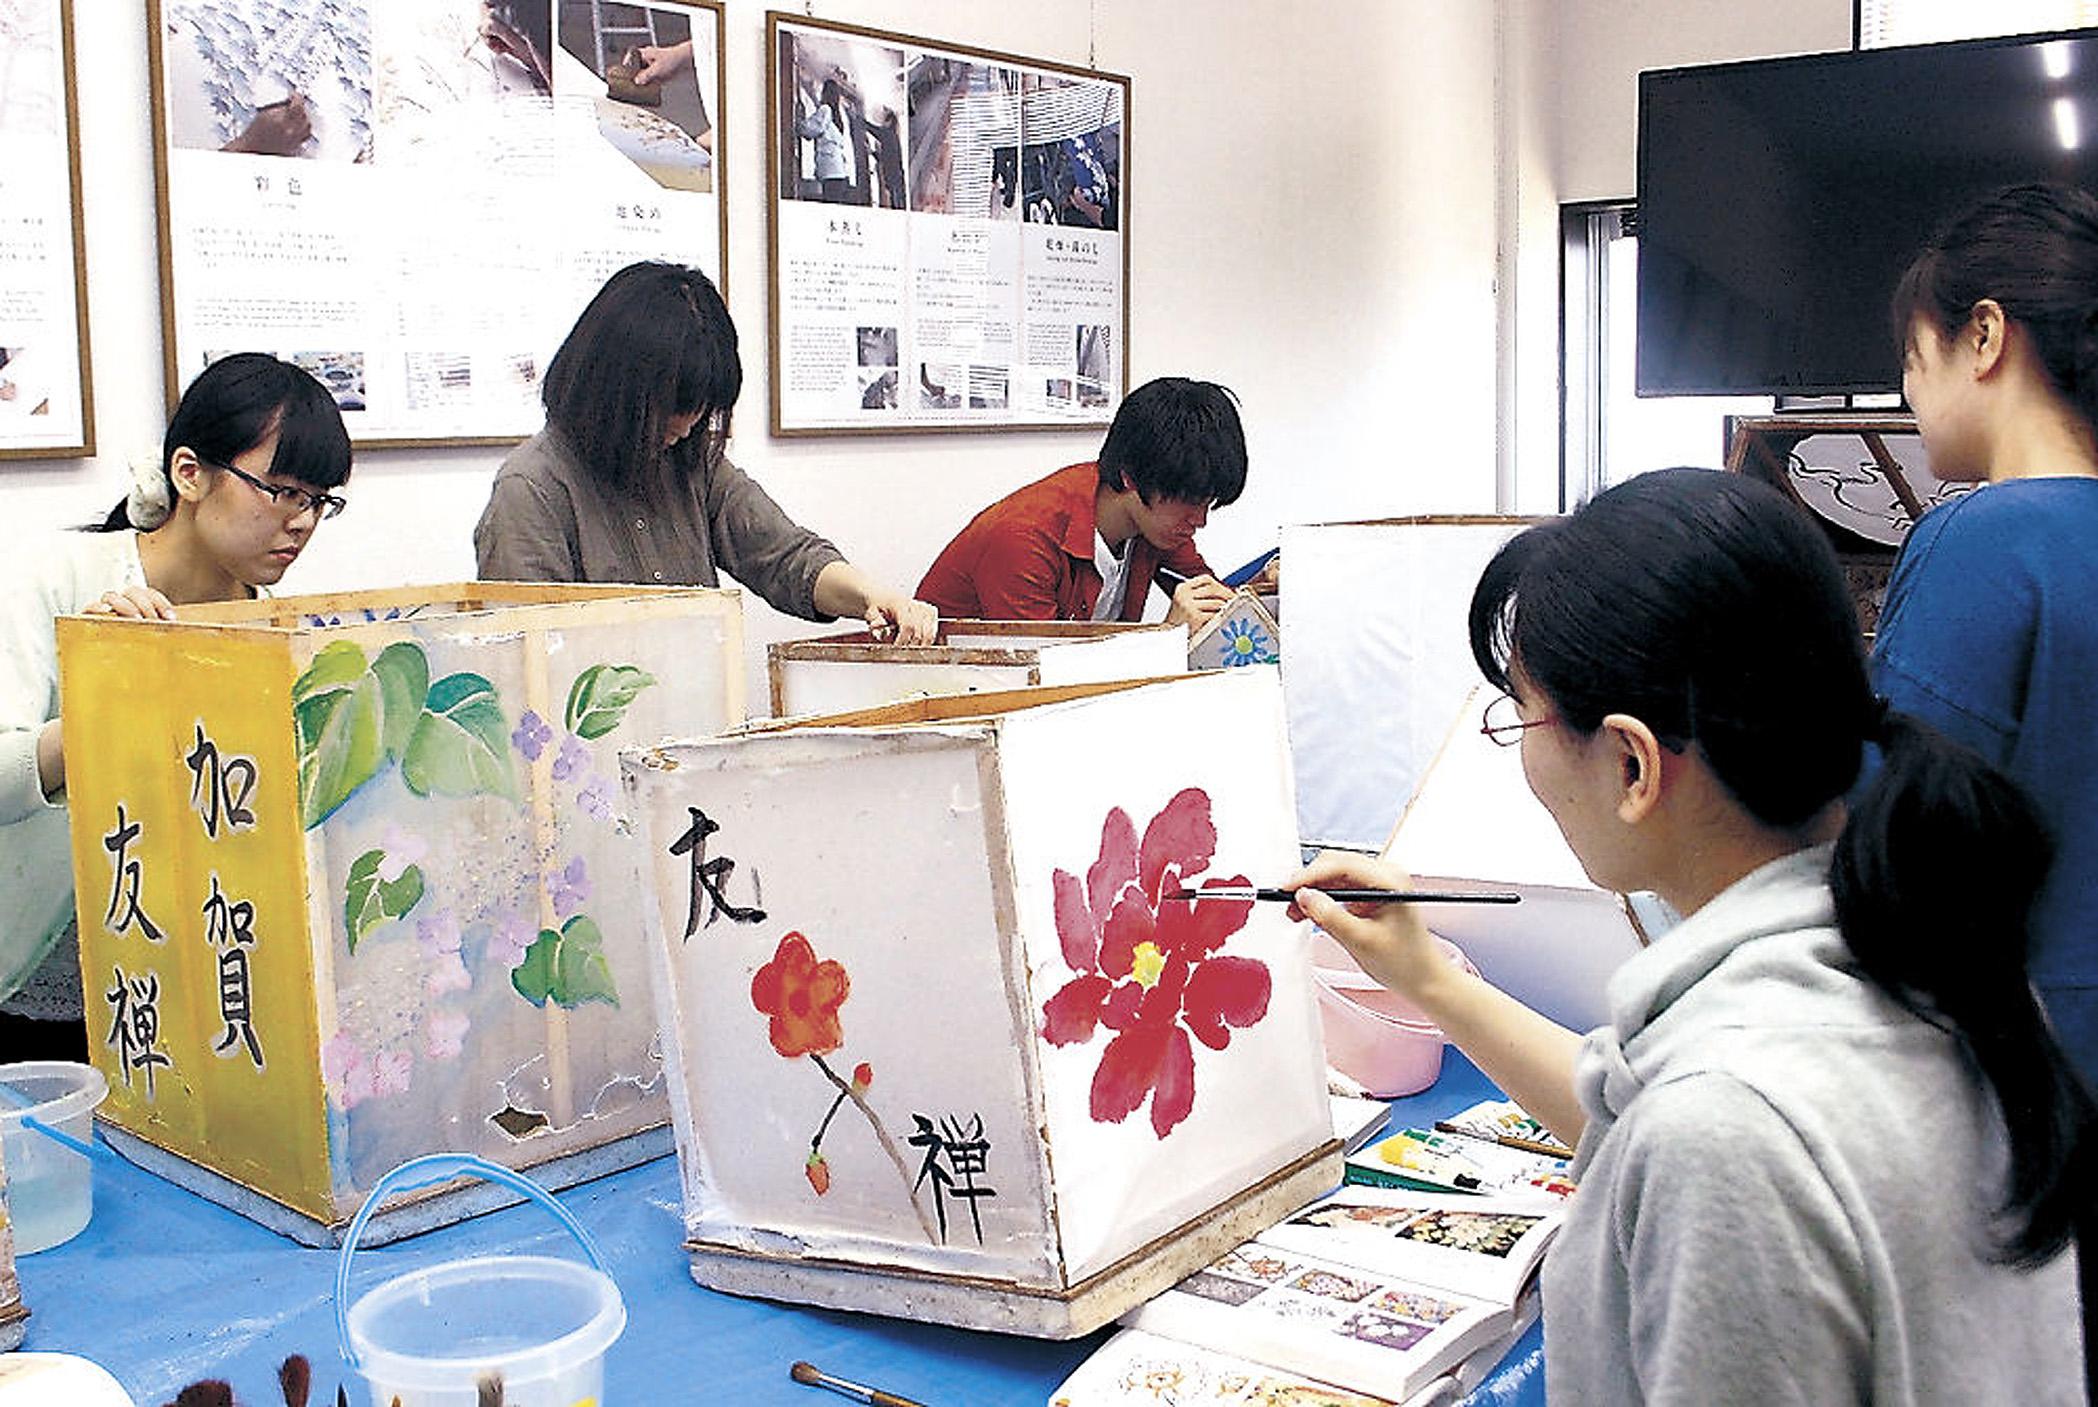 燈ろうの絵付けに取り組む弟子と学生=専光寺町の加賀友禅染色団地